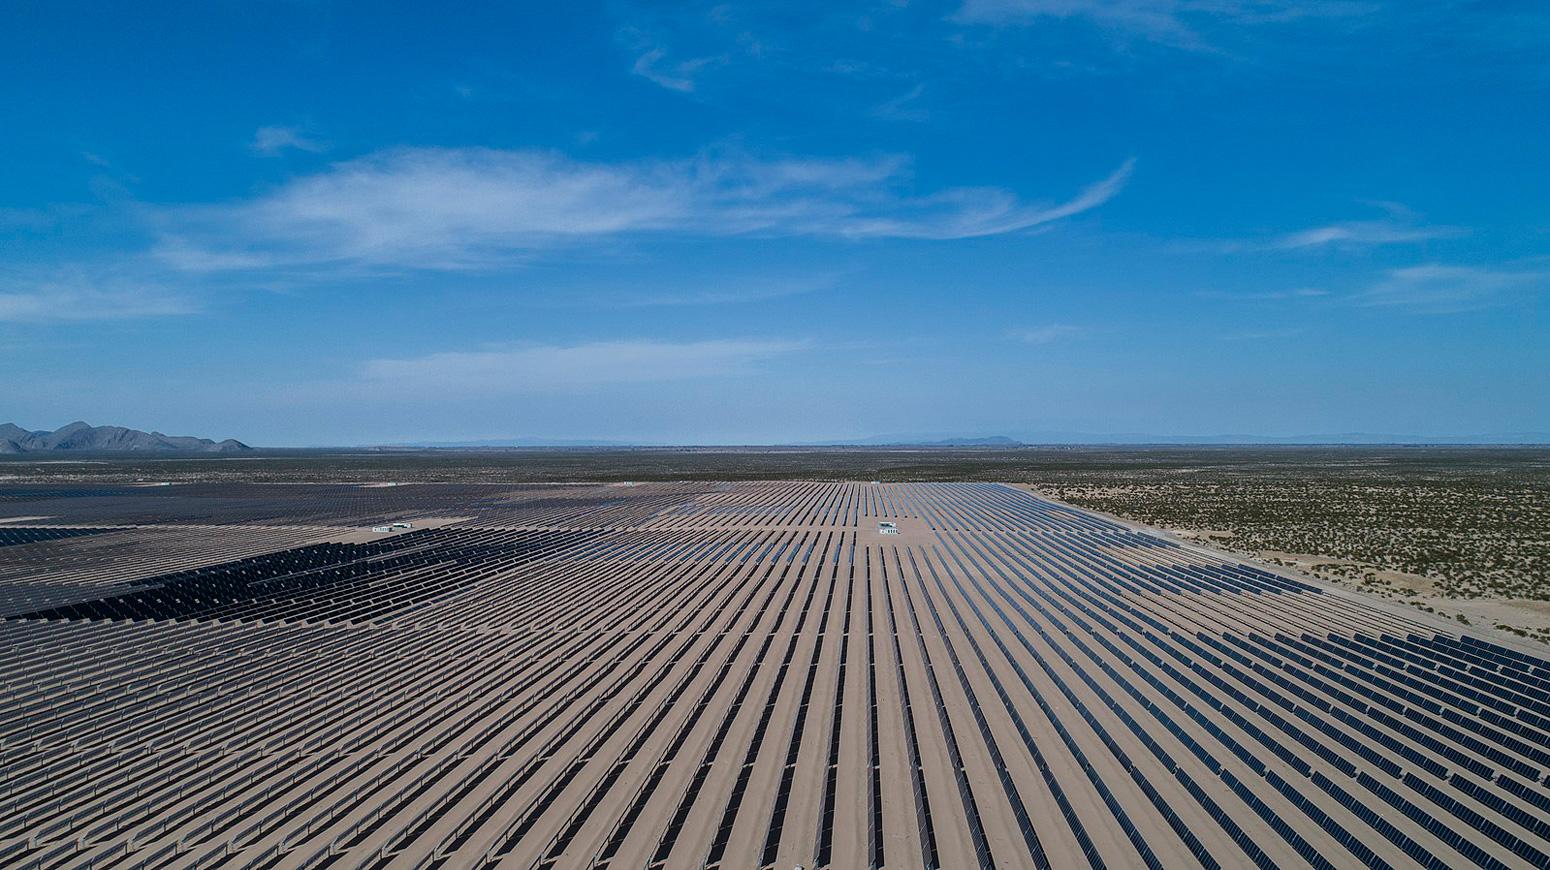 Villanueva Solar Plant, Coahuila